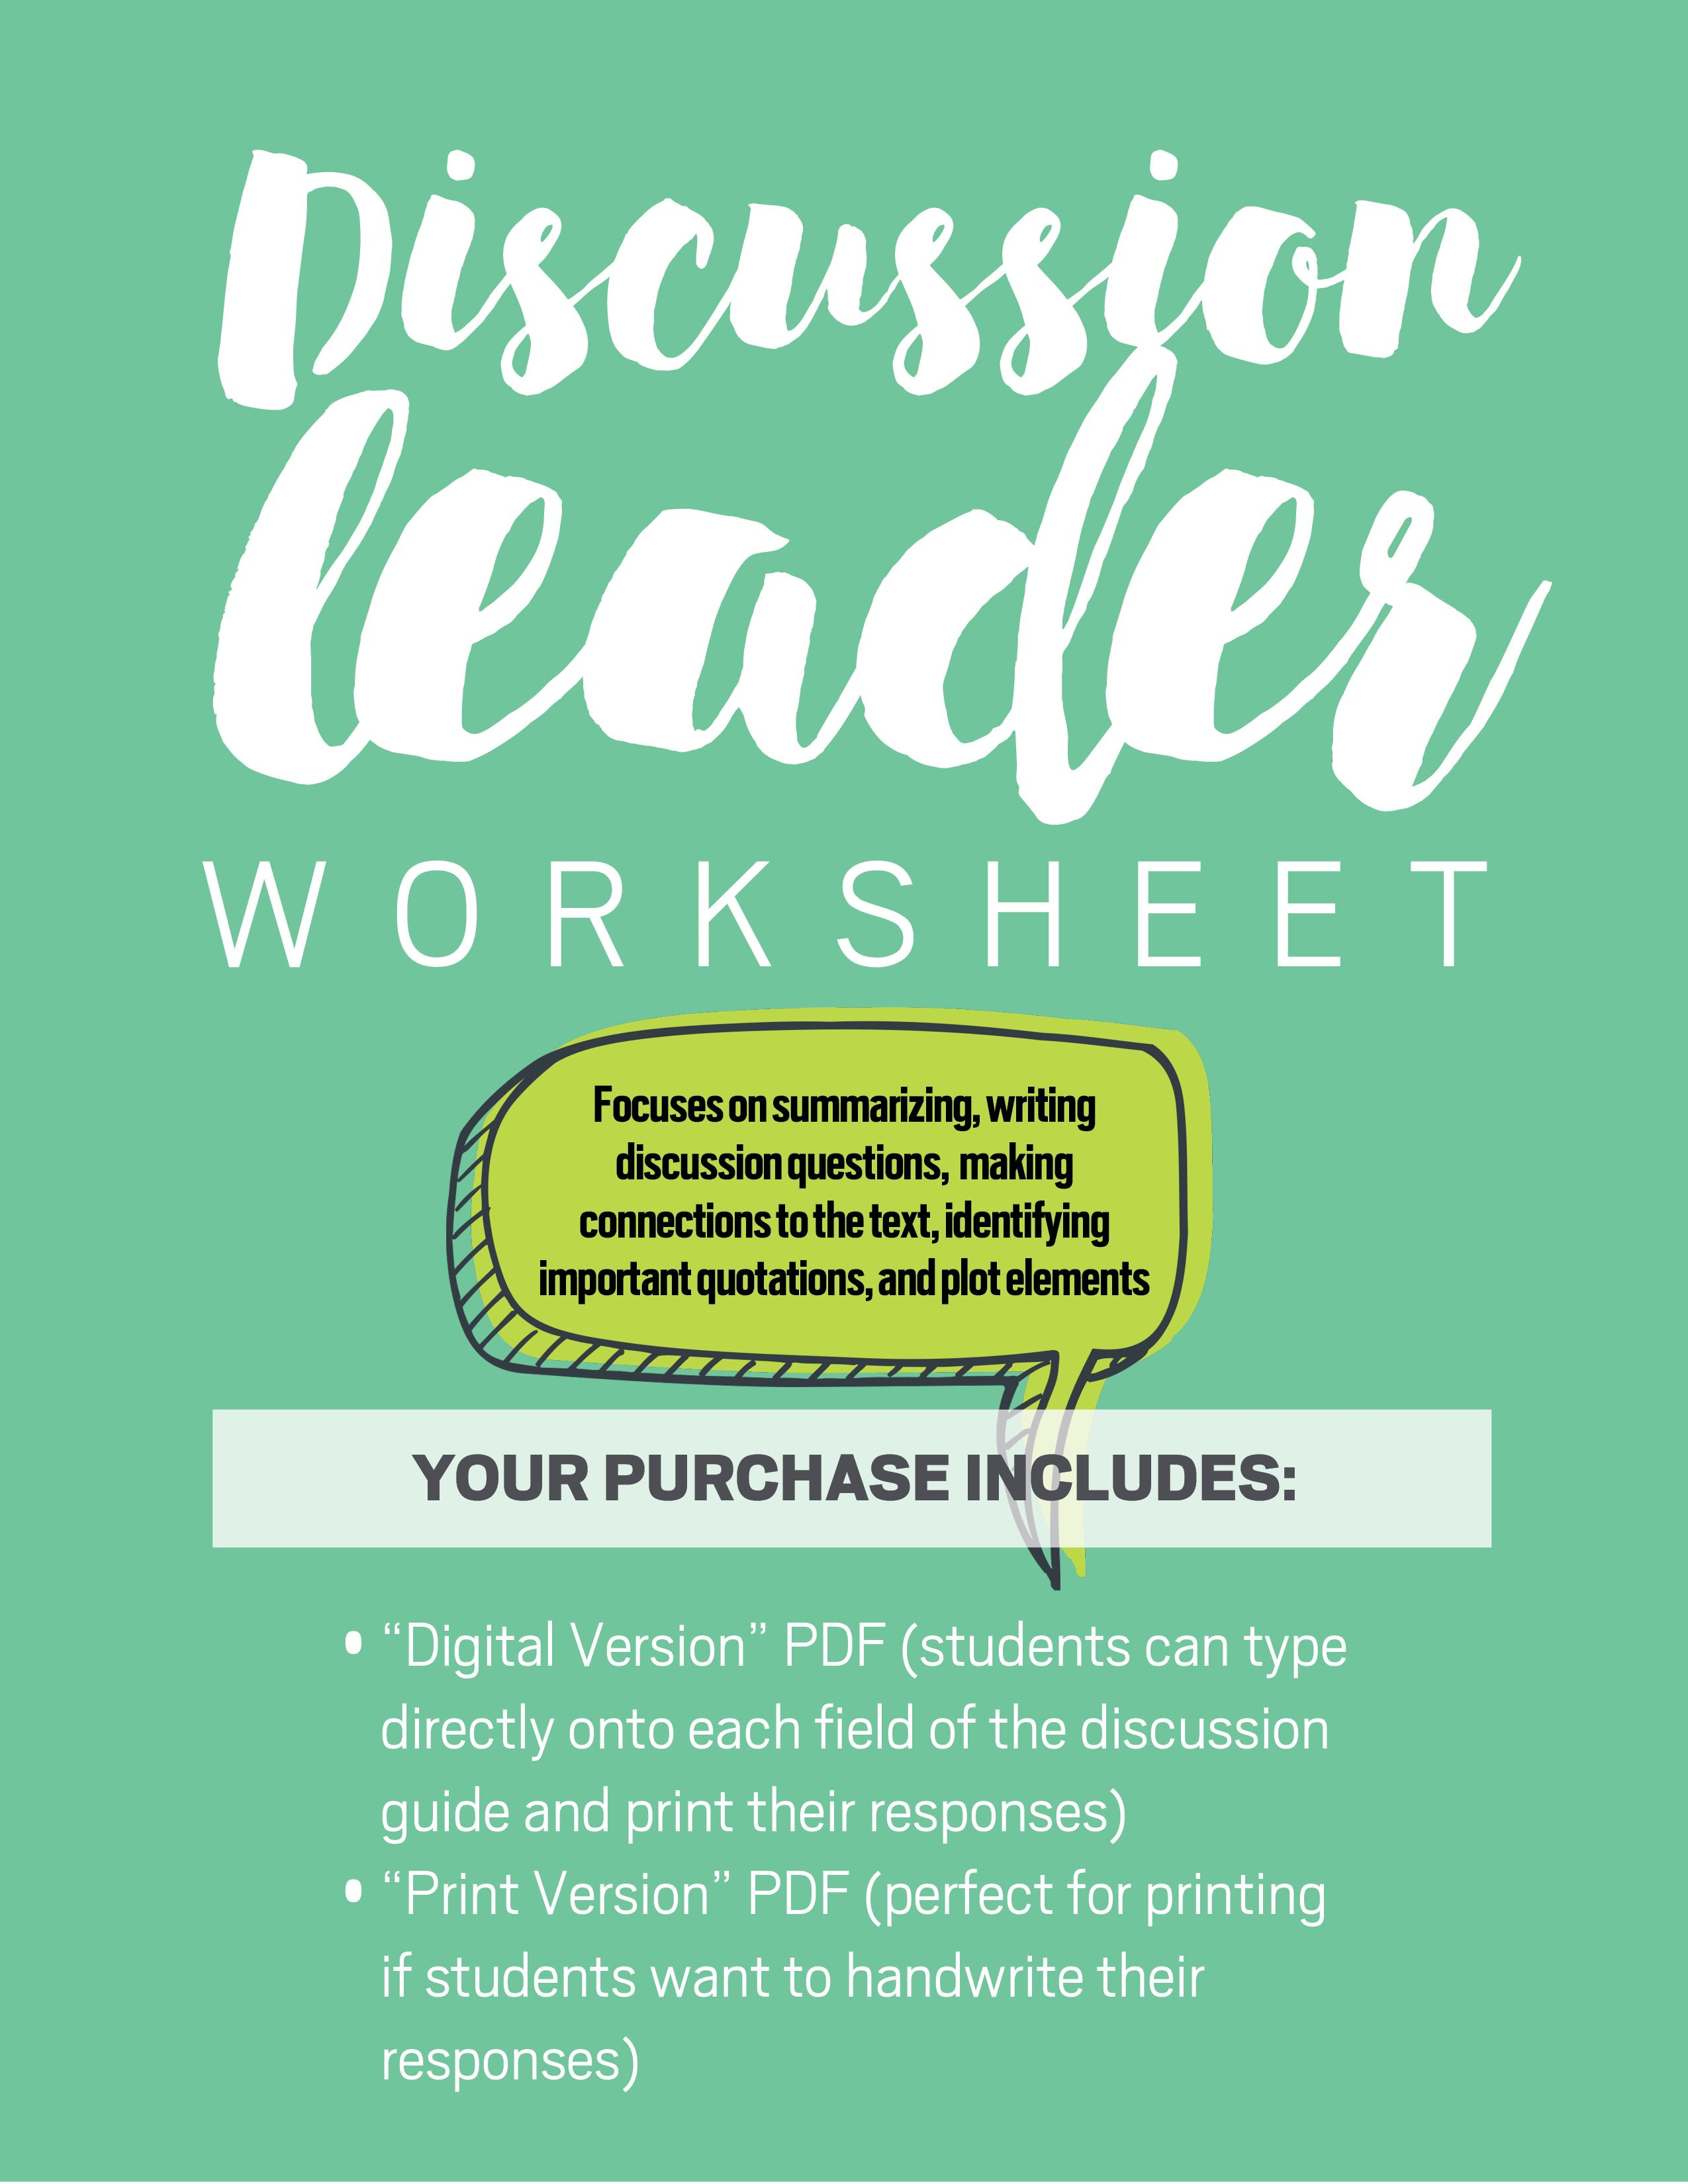 Novel Discussion Leader Worksheet